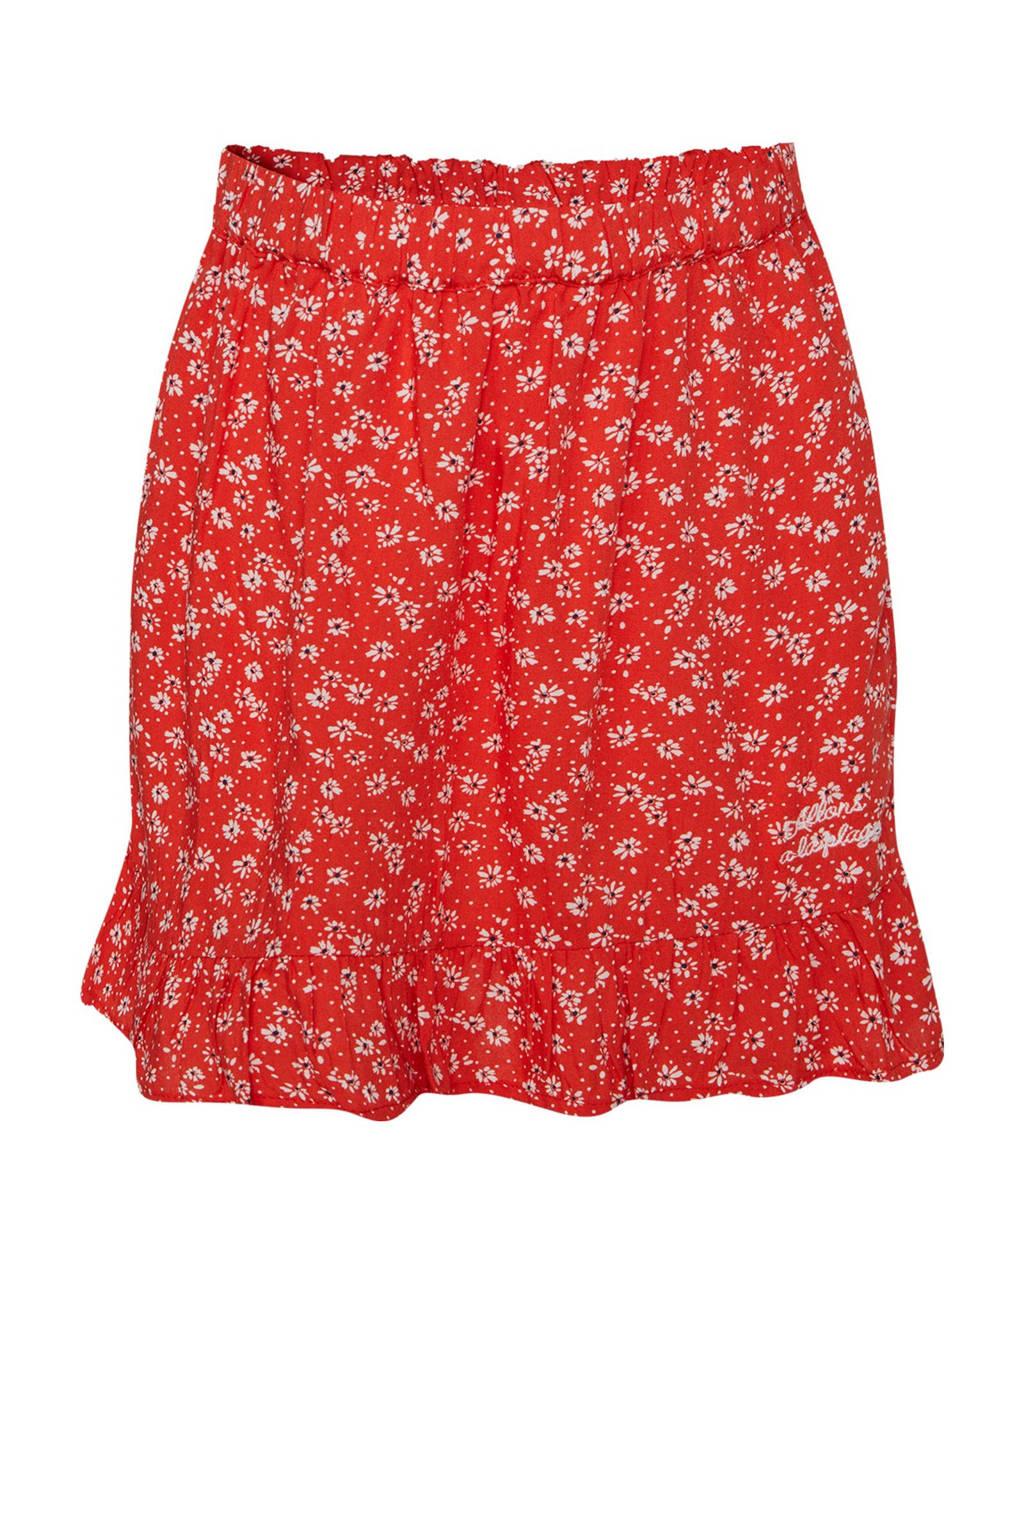 WE Fashion gebloemde rok rood/wit/zwart, Rood/wit/zwart